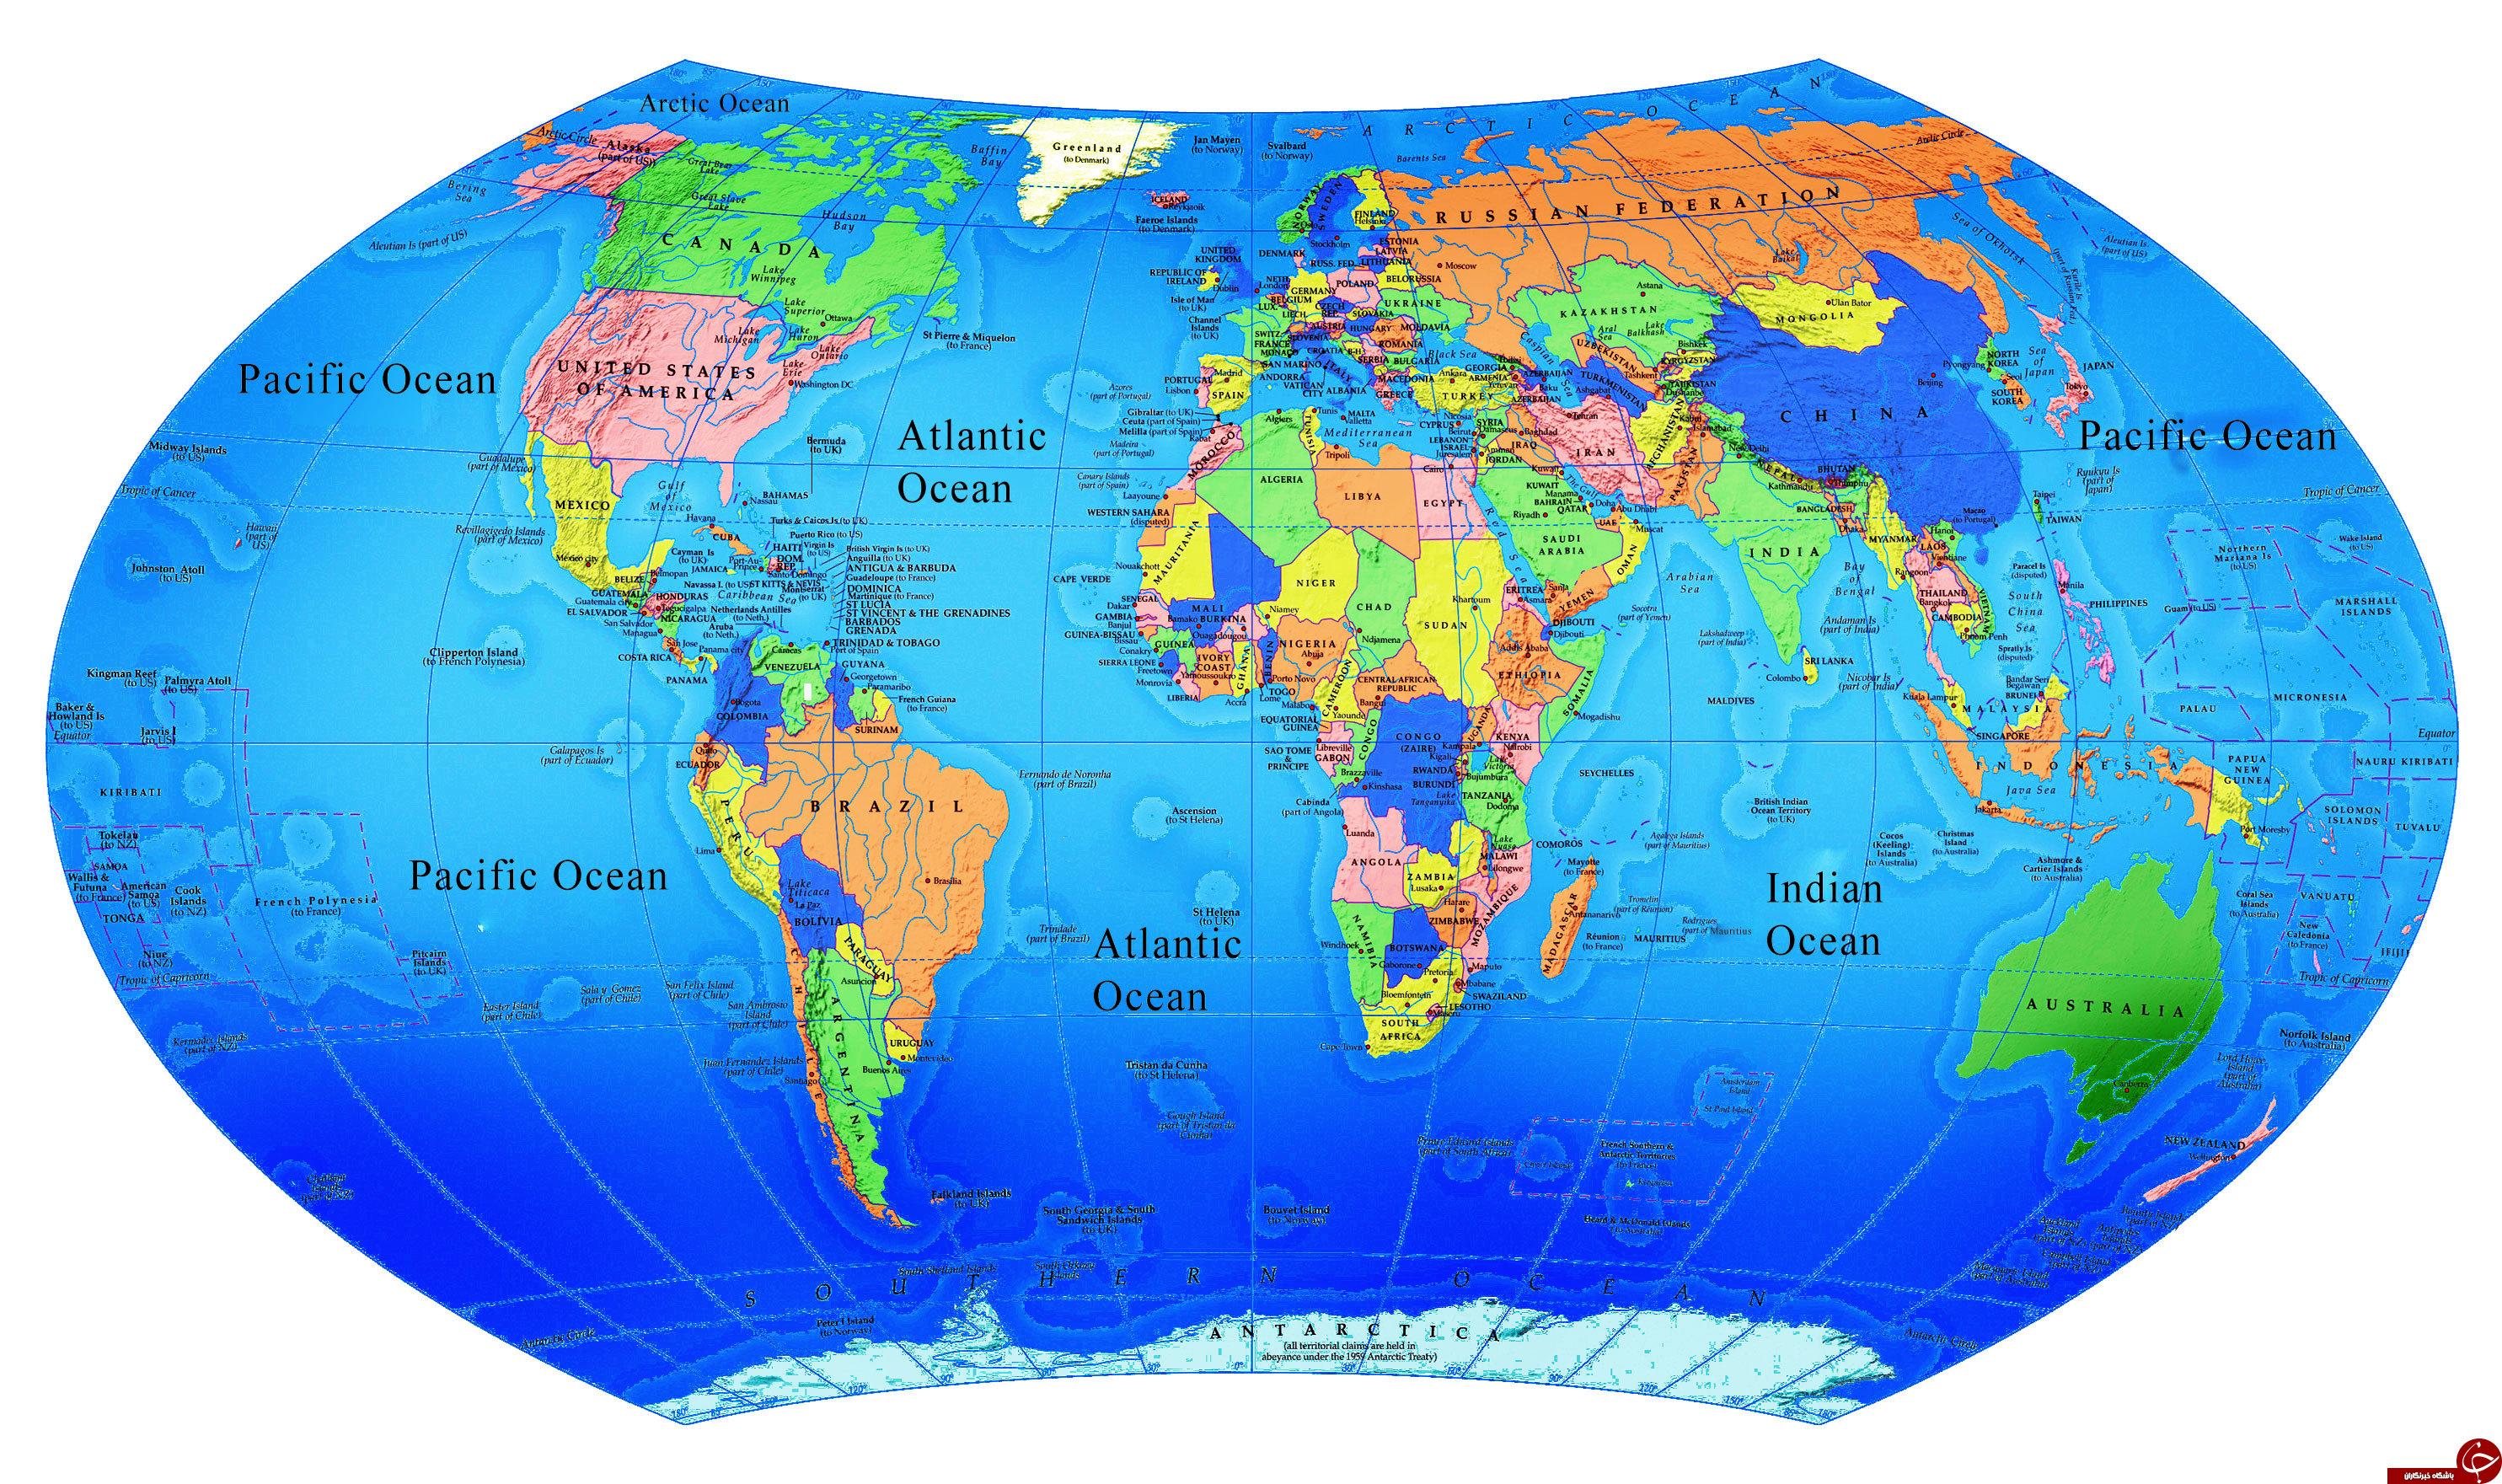 عکس پرچم کشورها با نام کشورها